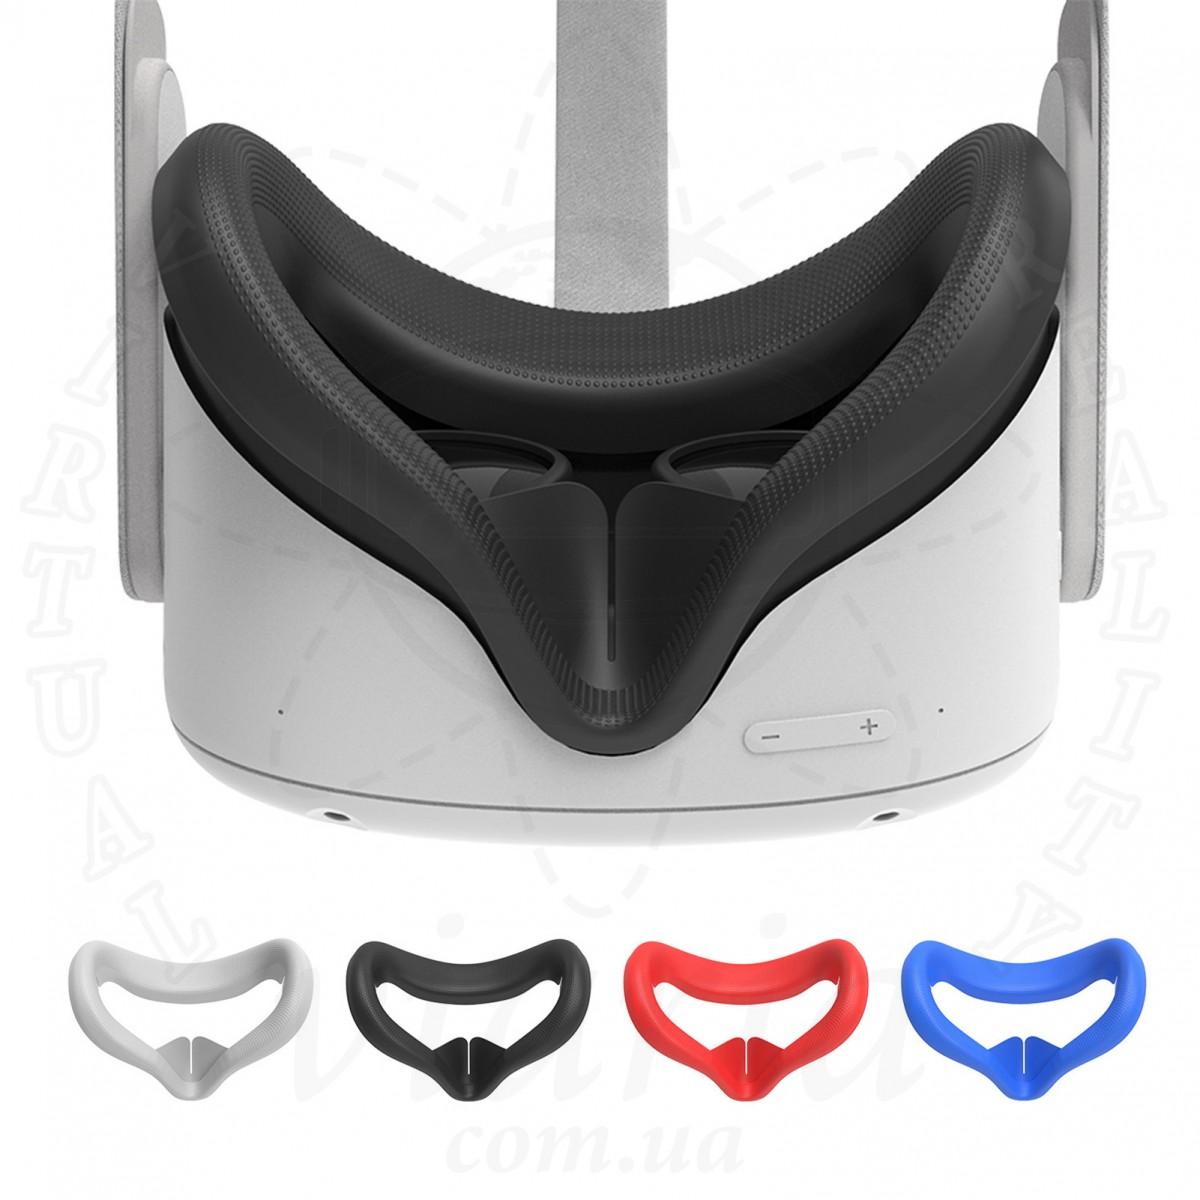 Силиконовая маска (убирает просвет) с текстурой для Oculus Quest 2